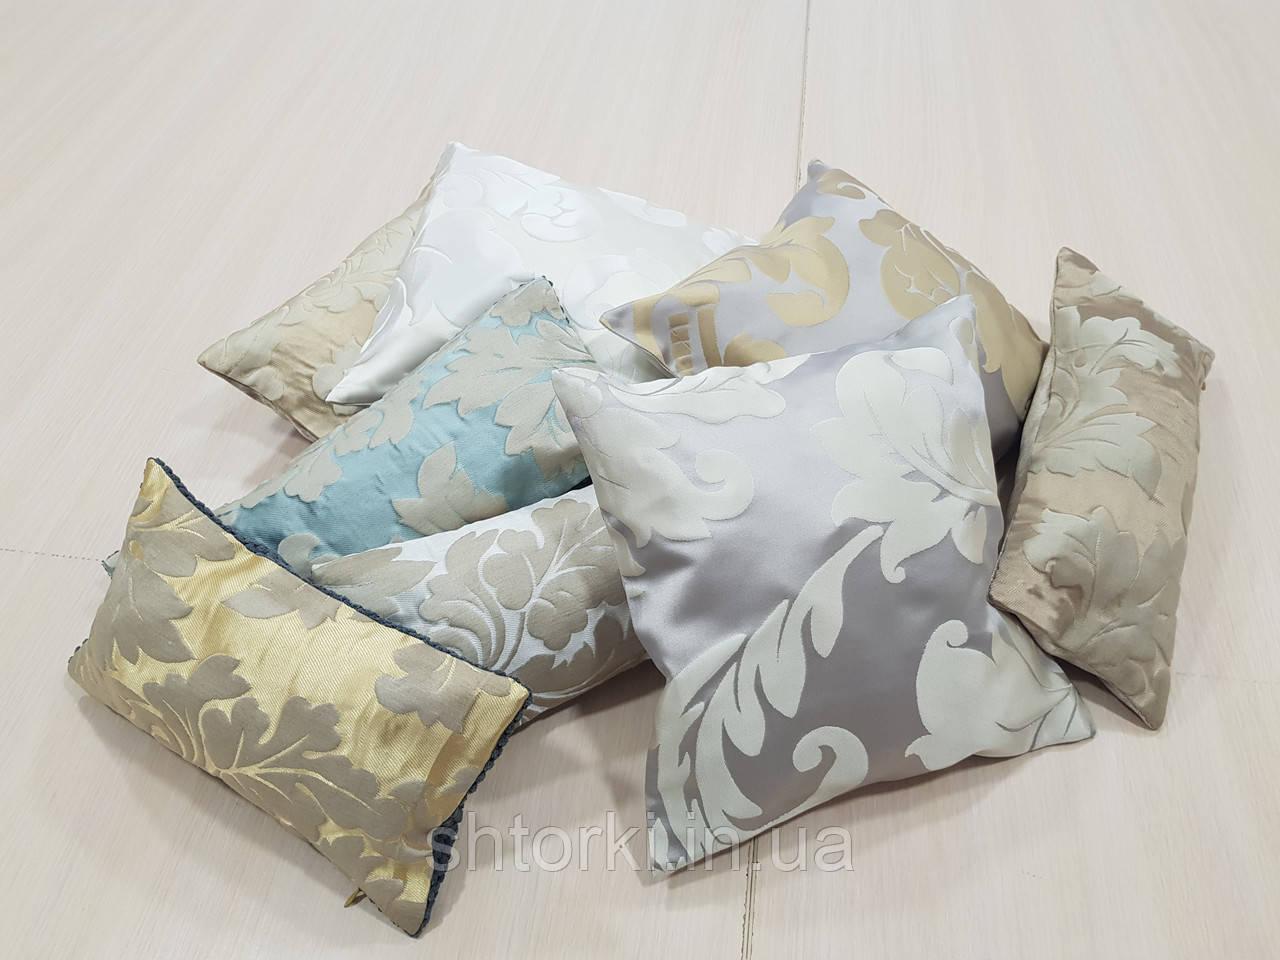 Комплект подушек Завитки разных цветов, 8шт